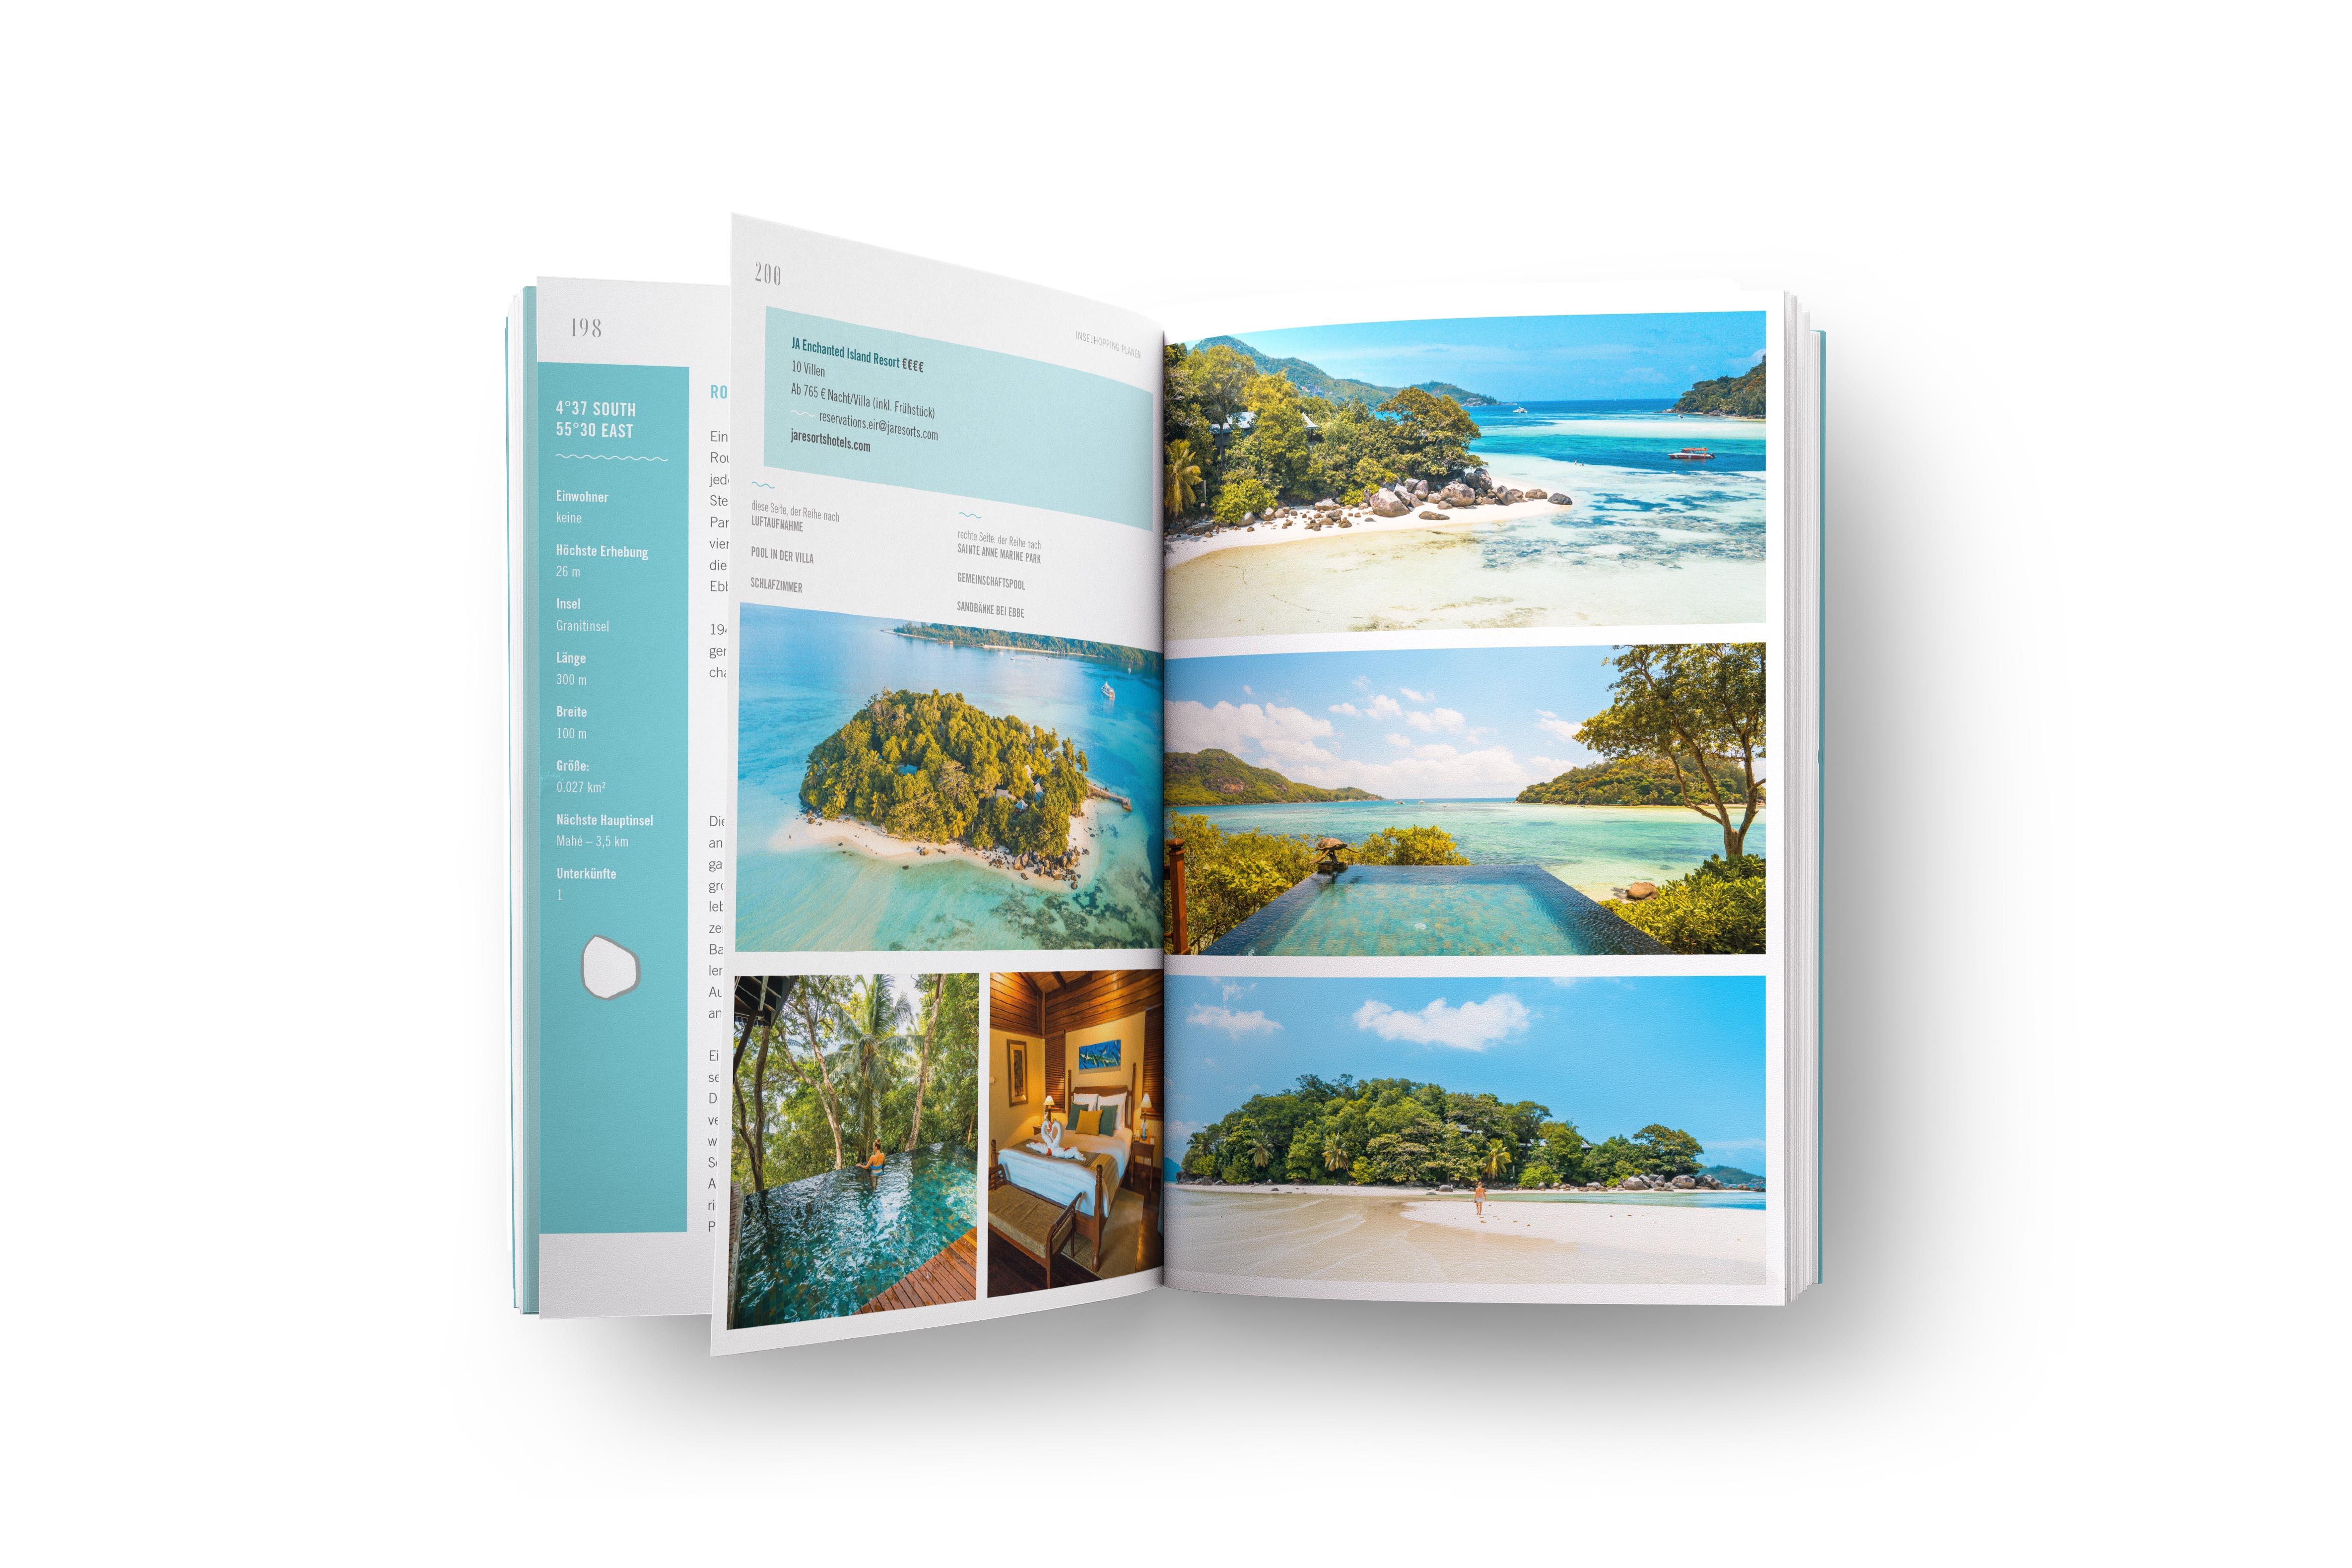 Seychellenguide_Mockup_05